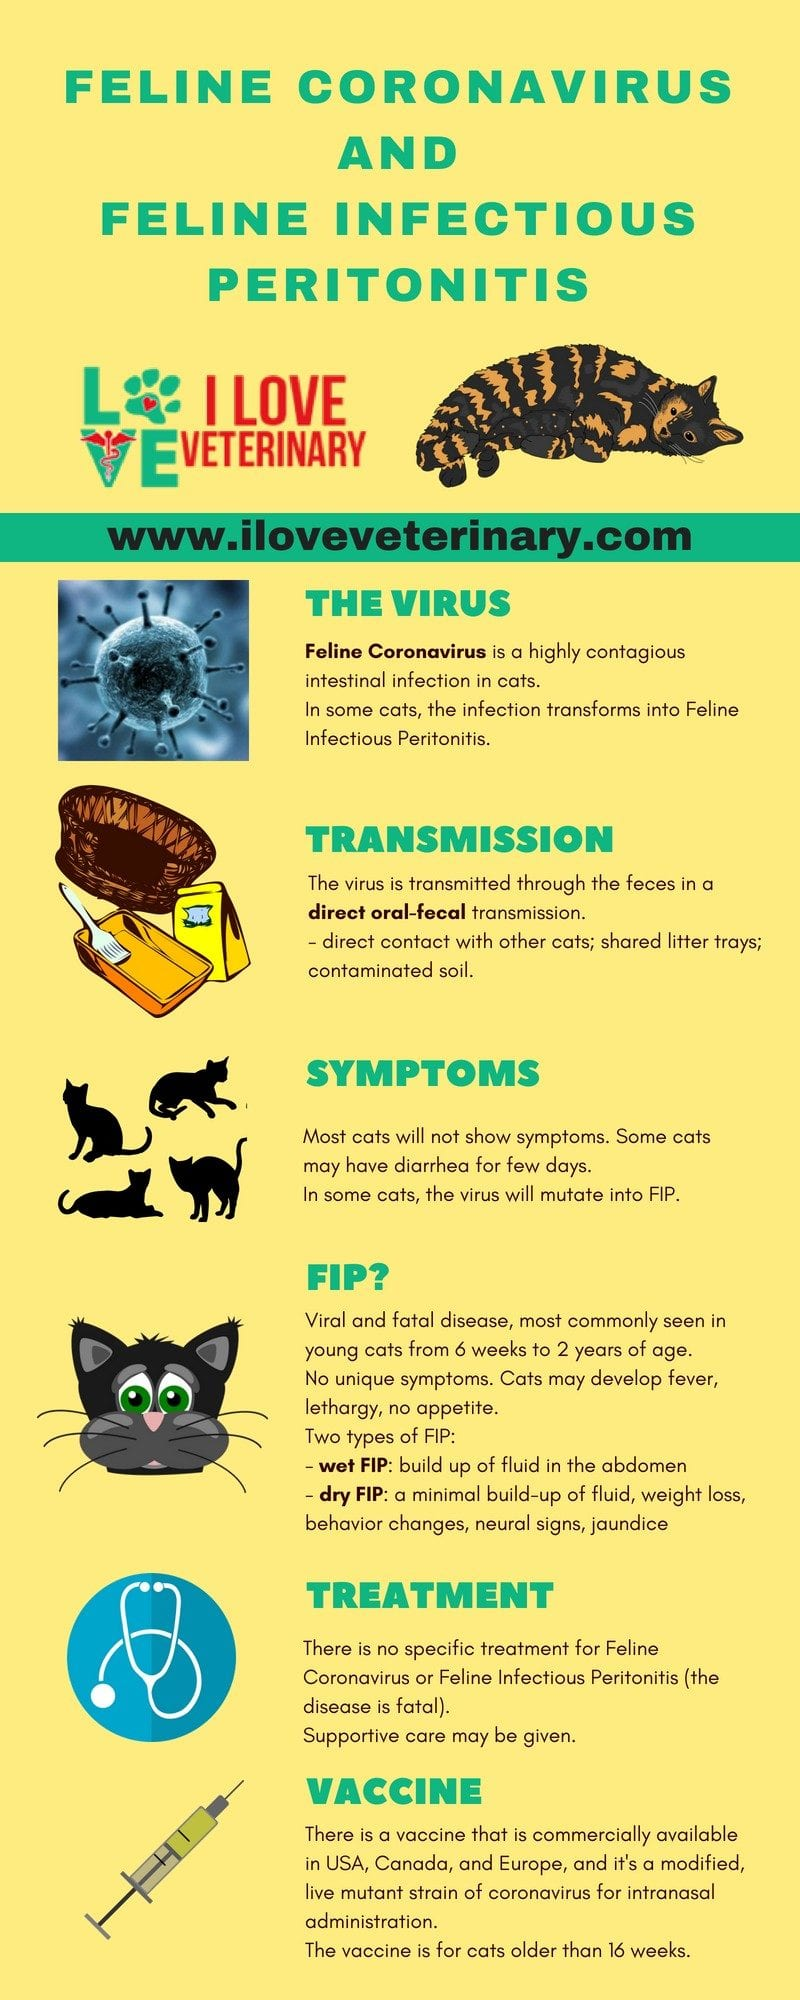 feline coronavirus 1 I Love Veterinary - Blog for Veterinarians, Vet Techs, Students